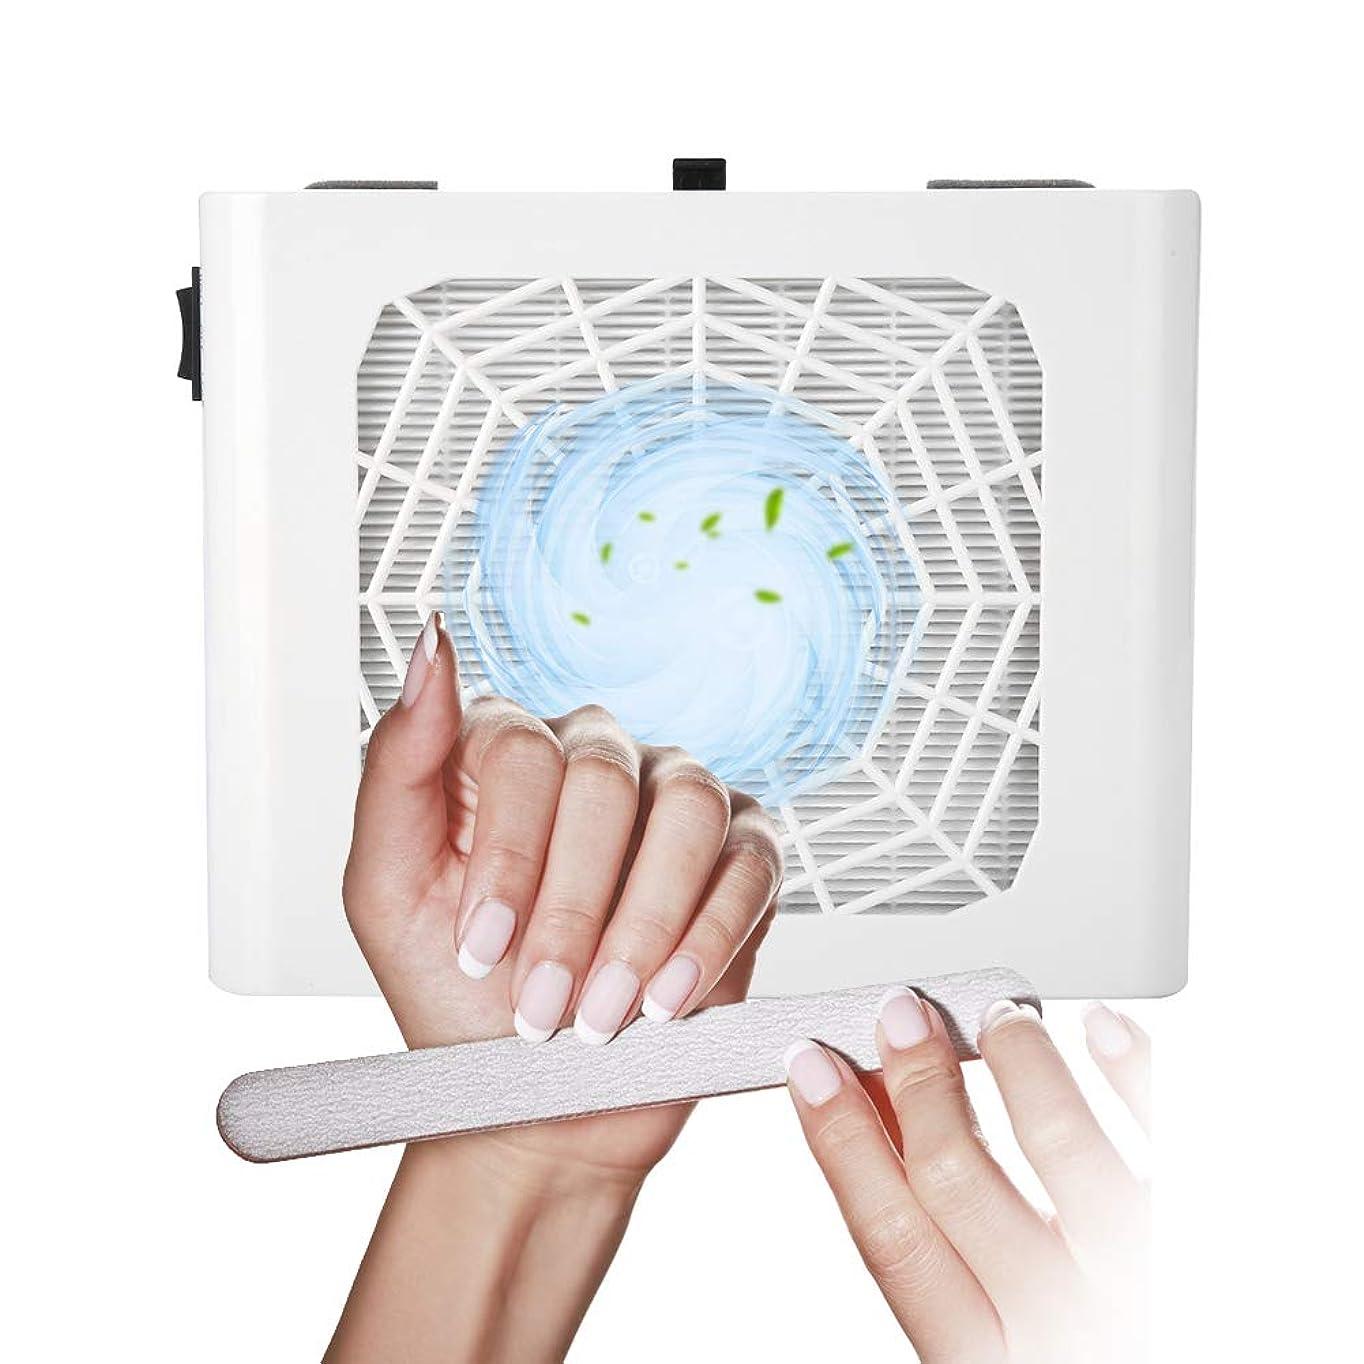 予想する愛されし者印象ネイルダスト集塵機48Wマニキュア掃除用ネイルサロンジェルアクリルアートペディキュアツール(白)